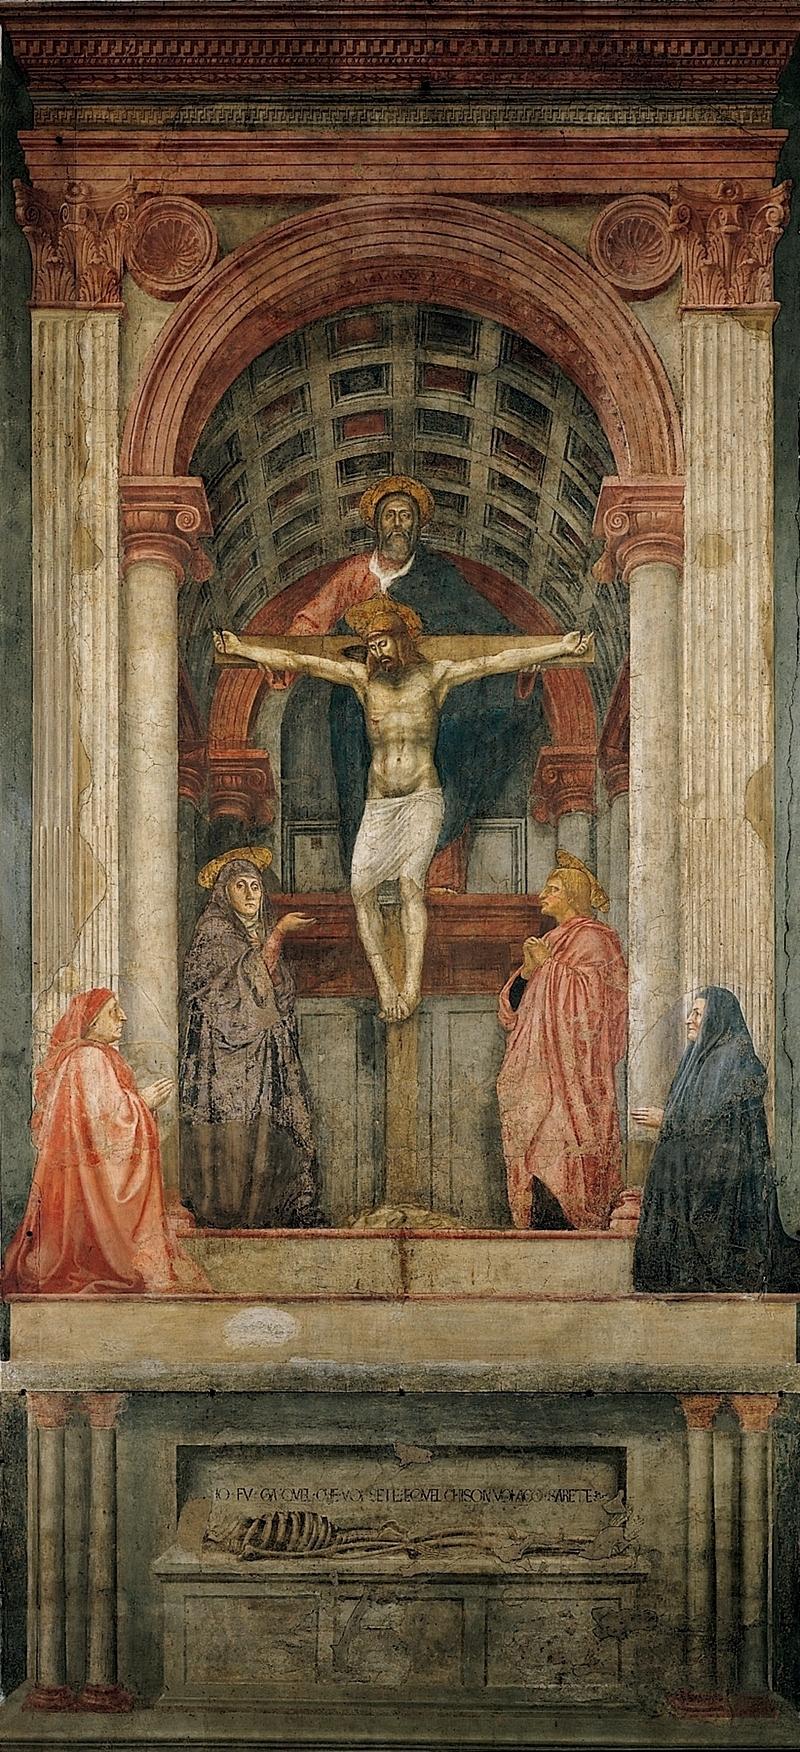 Masaccio Fresque de la Trinite 1426-28 Santa Maria Novella a Firenze